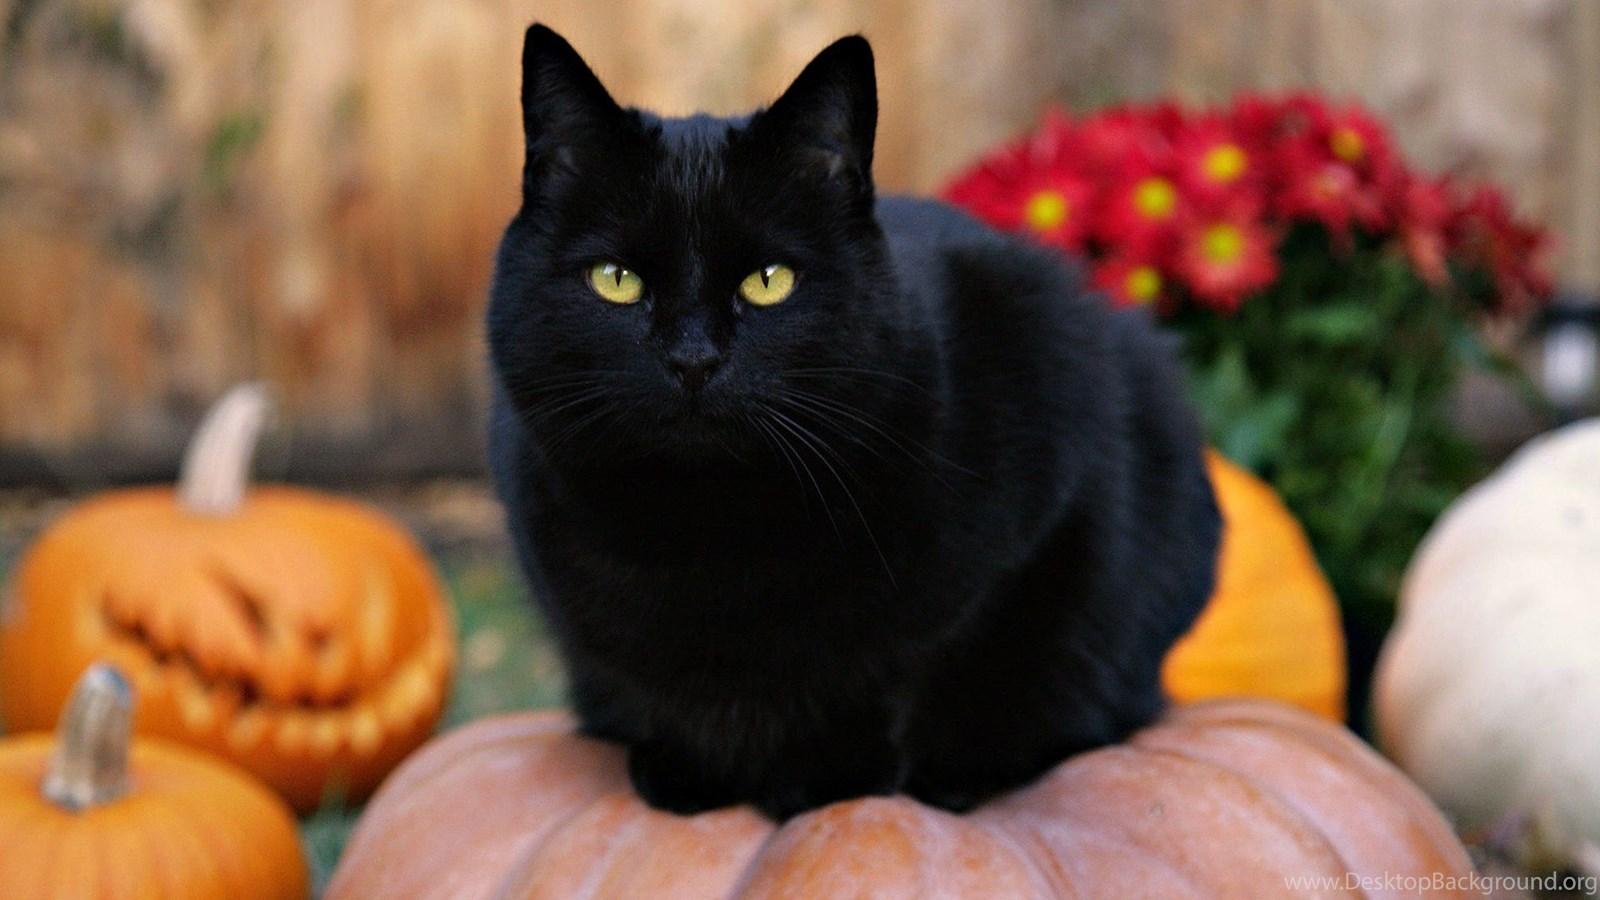 515219 black cat hd desktop backgrounds z355w hd